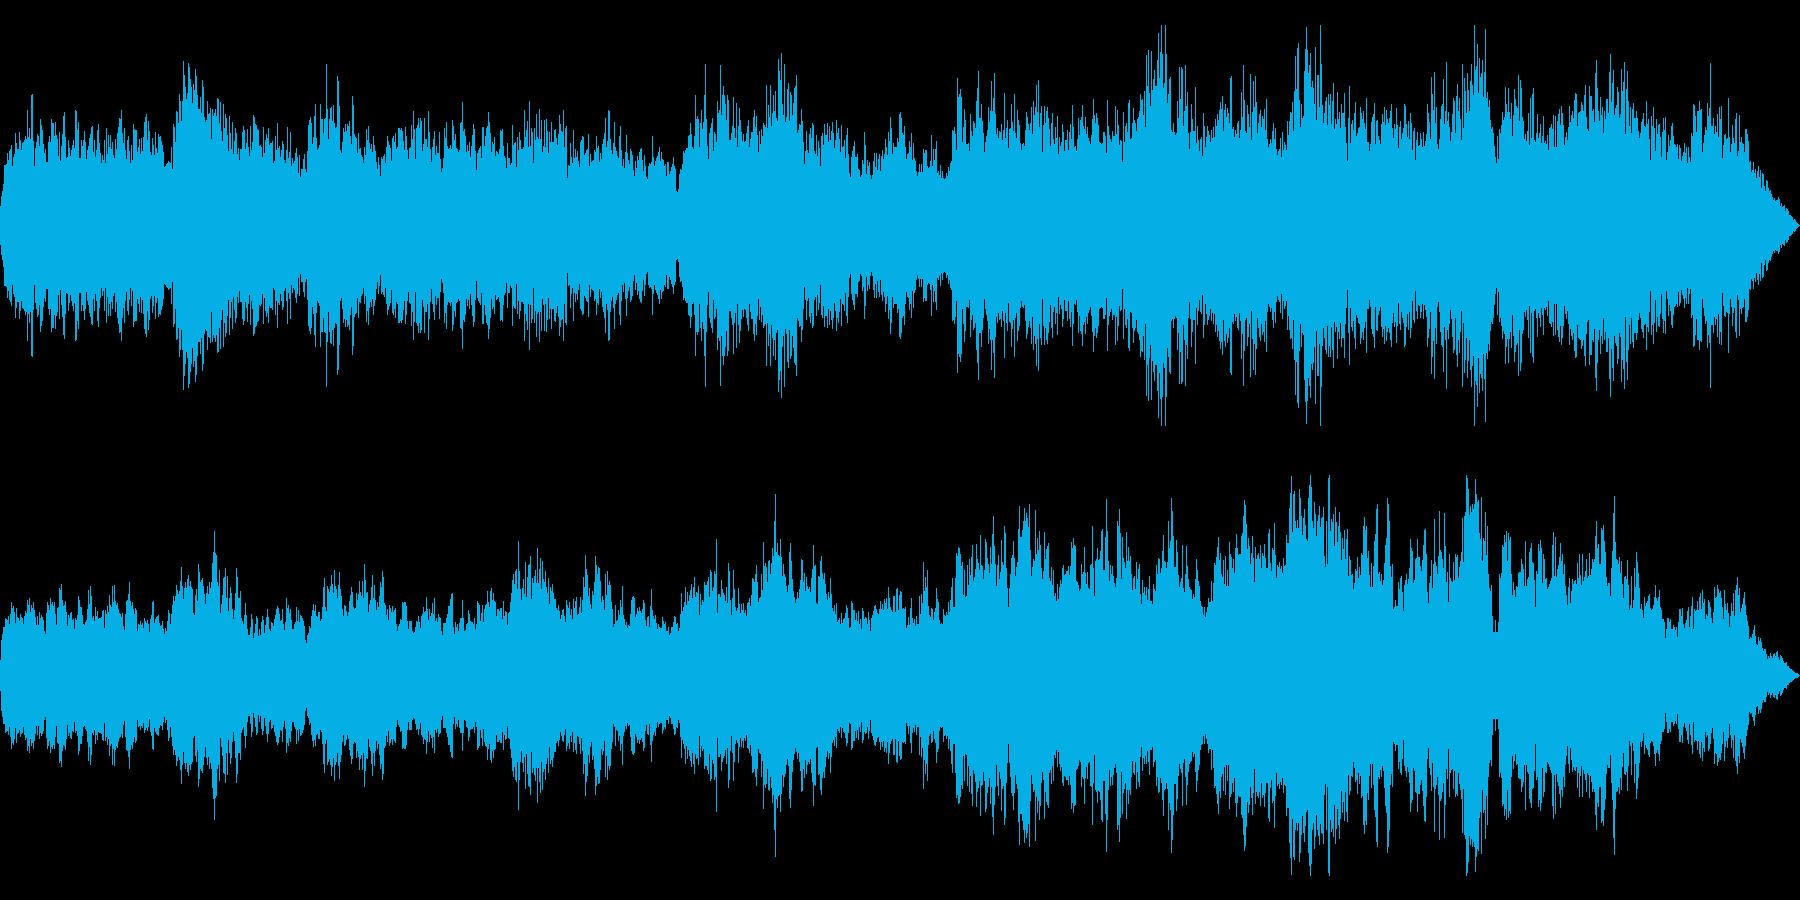 透明感のあるオンブラ・マイ・フ樹木の陰での再生済みの波形